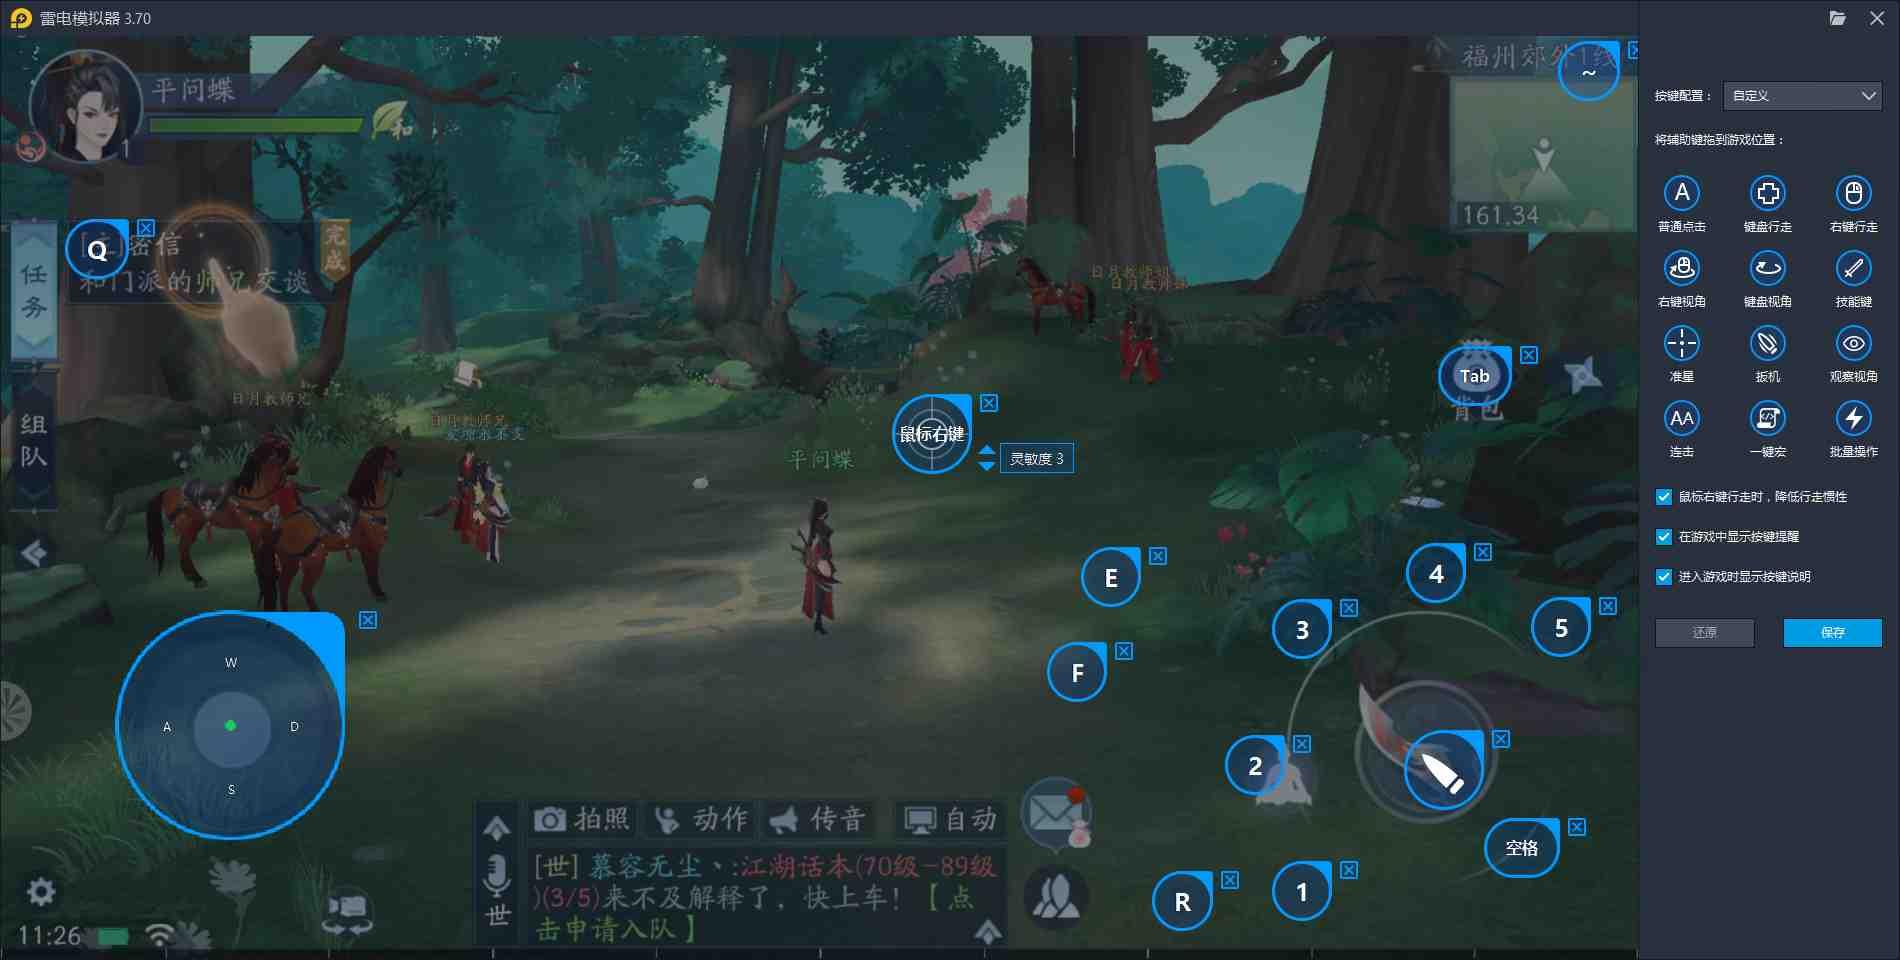 【新笑傲江湖】电脑版怎么玩—安卓模拟器使用教程